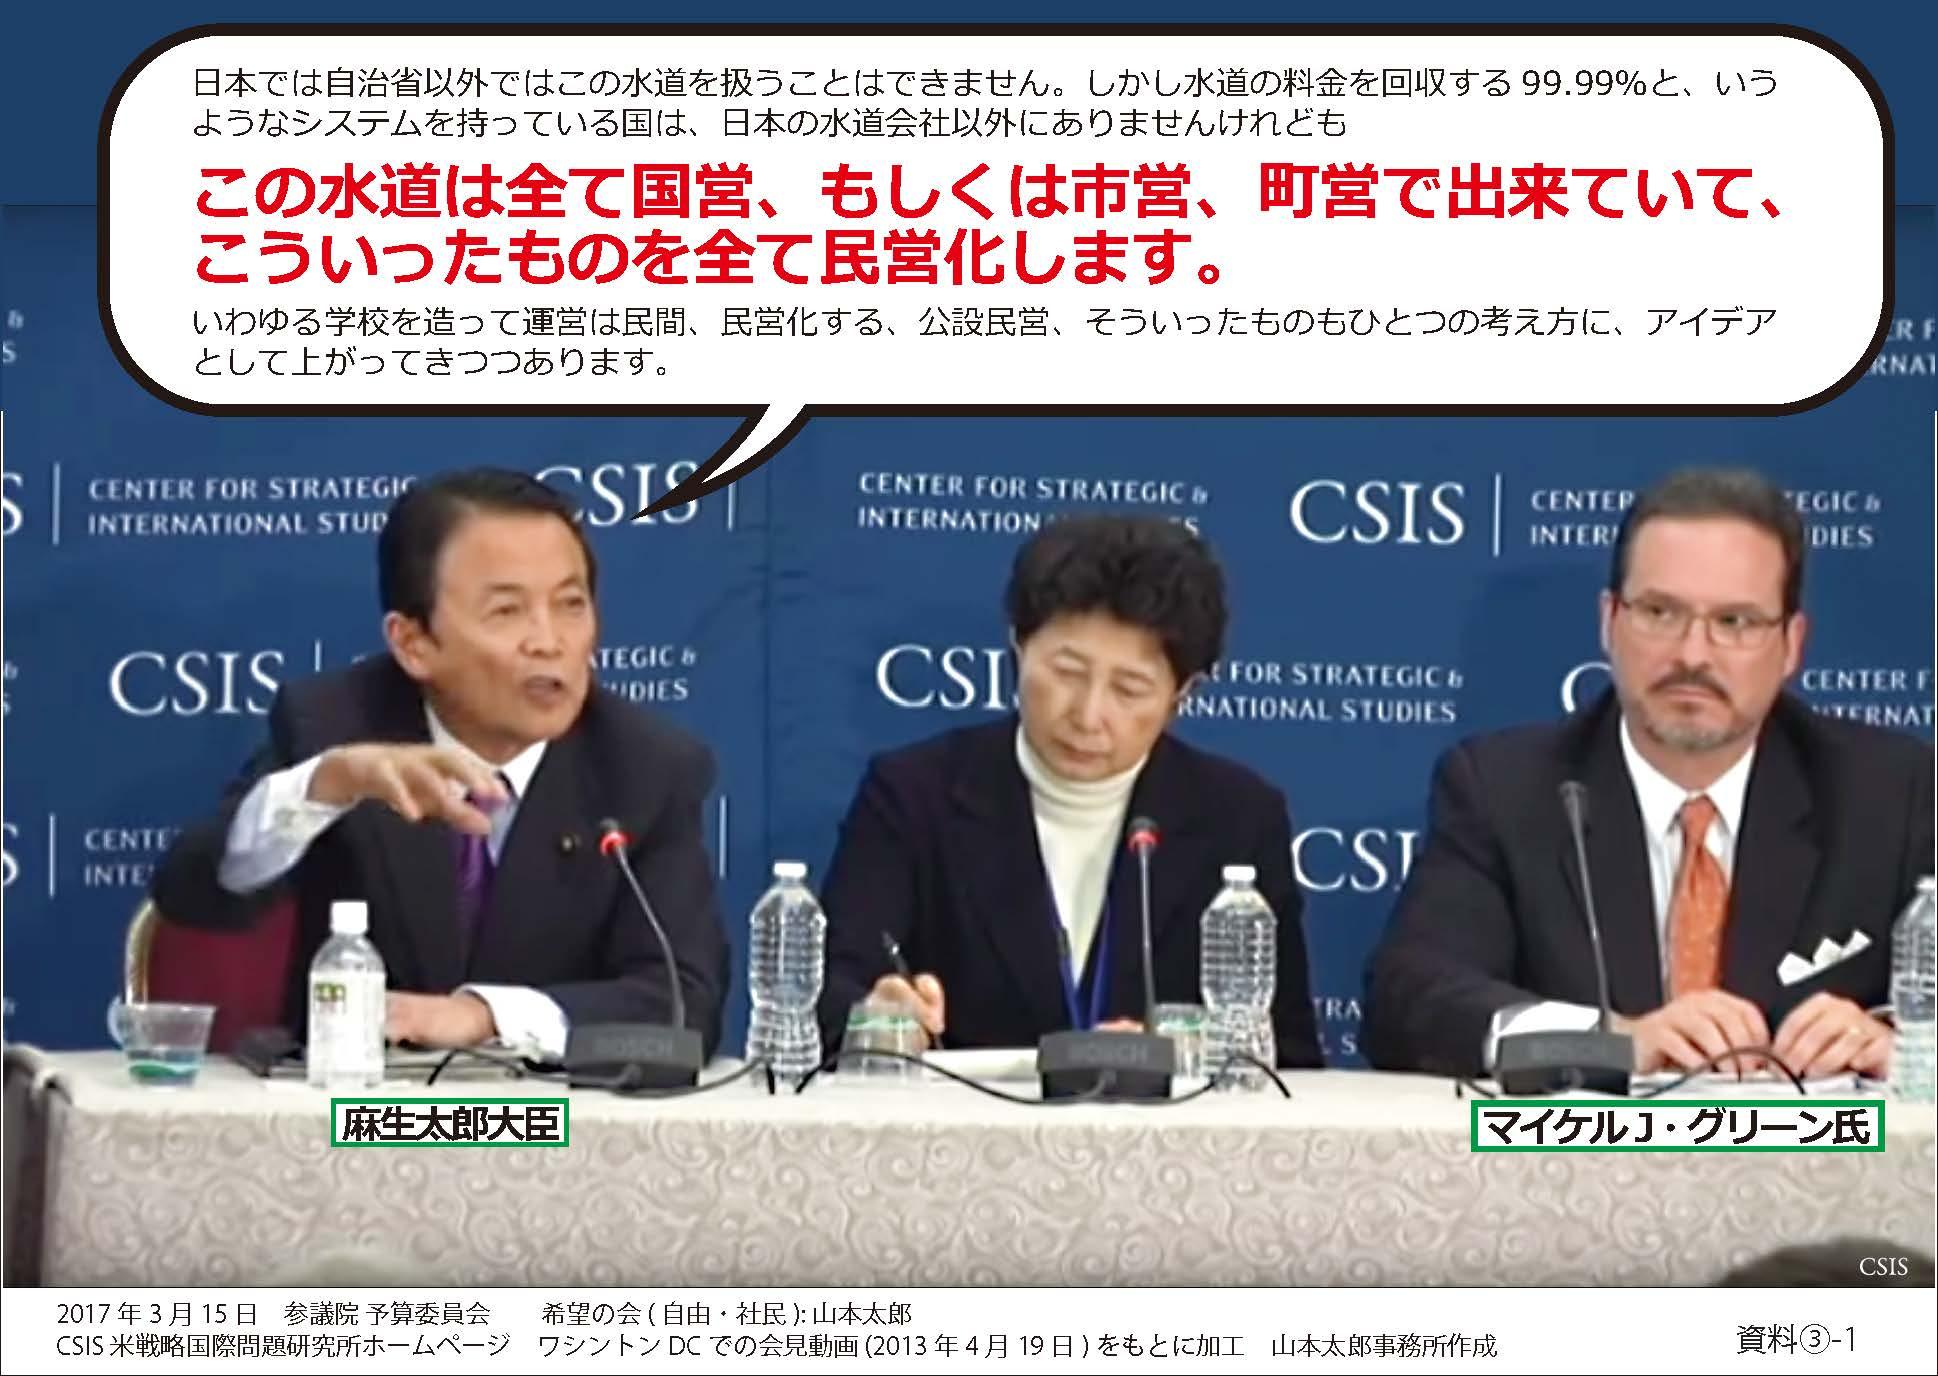 山本太郎 れいわ新選組代表・前参議院議員」オフィシャルサイト ...